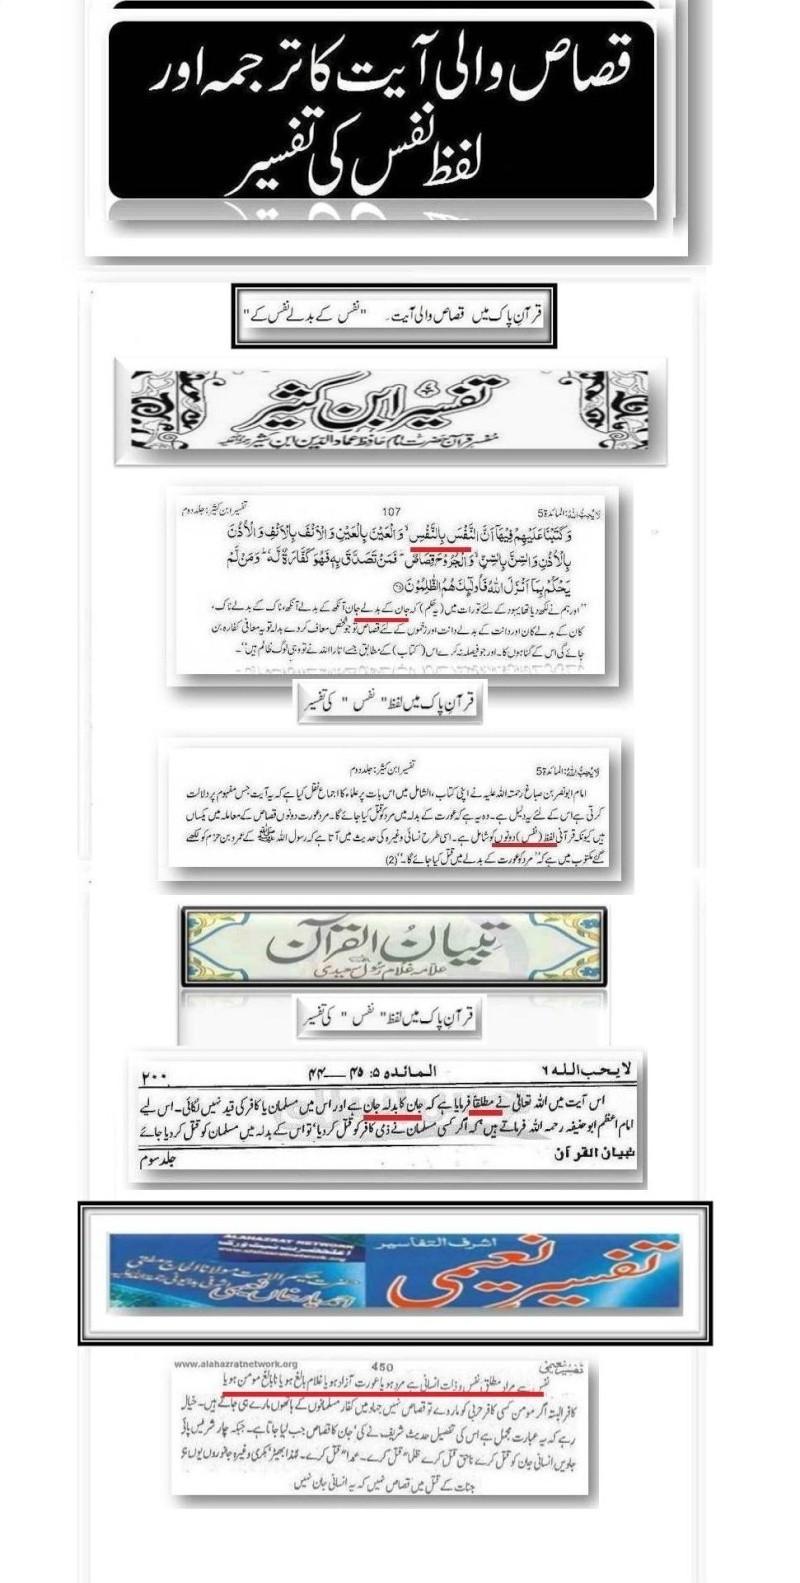 دیت کی جعلی فتوی فیکٹری پر منہاج القرآن کی فتح کا جھنڈا - Page 2 Post_313